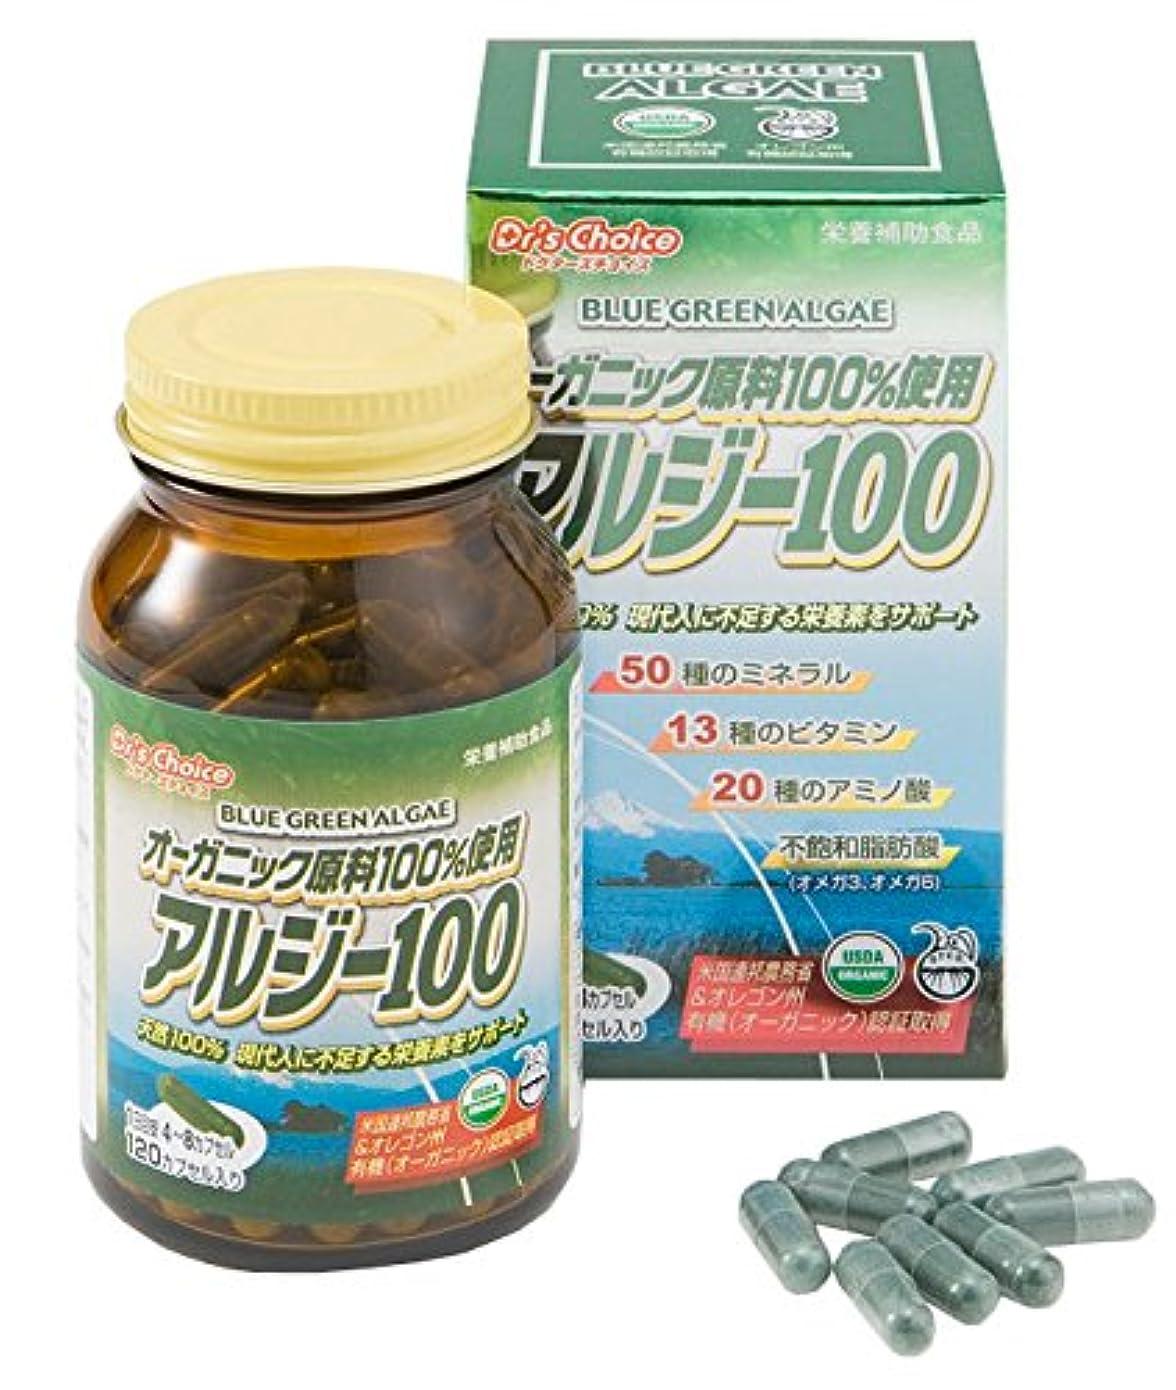 石鹸活発準備したドクターズチョイス アルジー100 (120カプセル) 40101